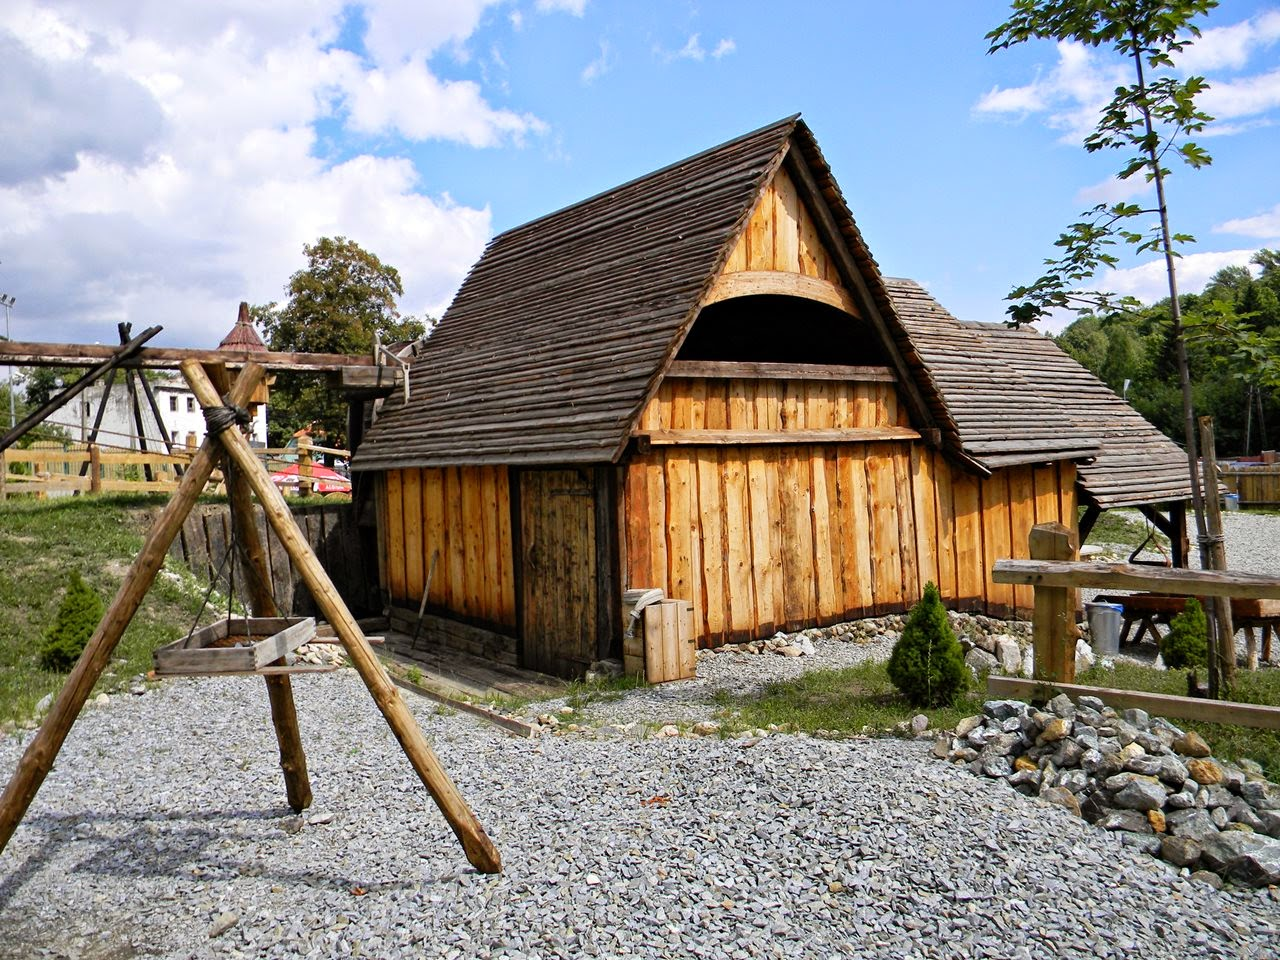 drewniany dom, urządzenie, muzeum, zieleń, kamienie